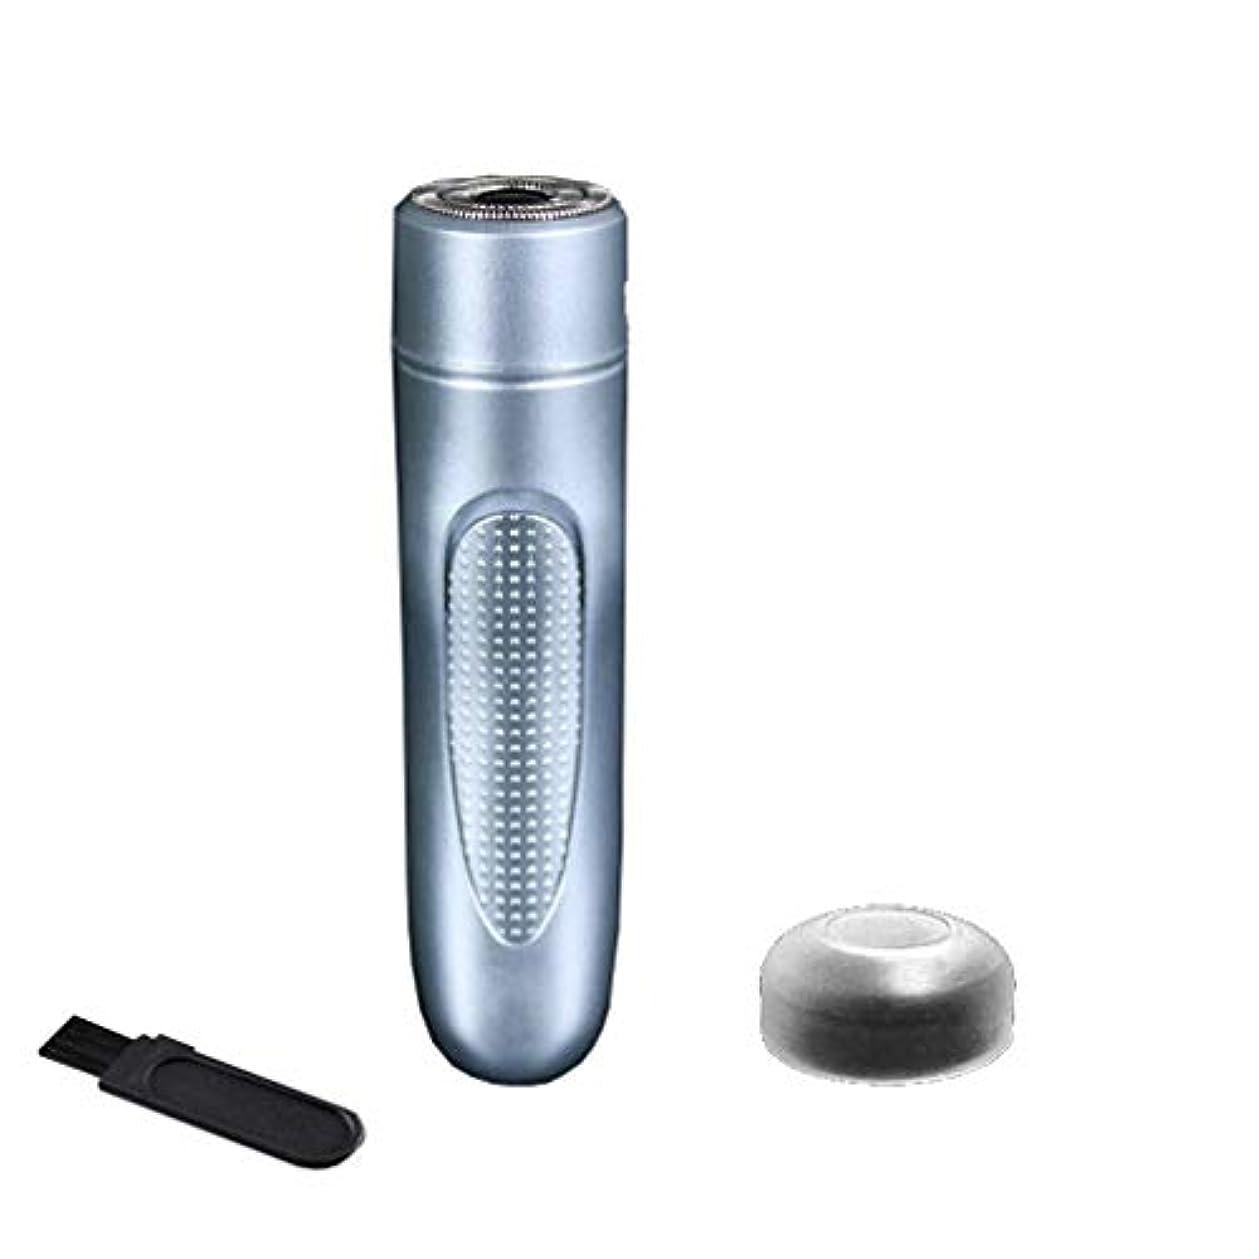 ゴム熱意パドル電気シェーバー、ミニUSB充電かみそりダブルリング研削ヘッドビジネスプロモーションギフト